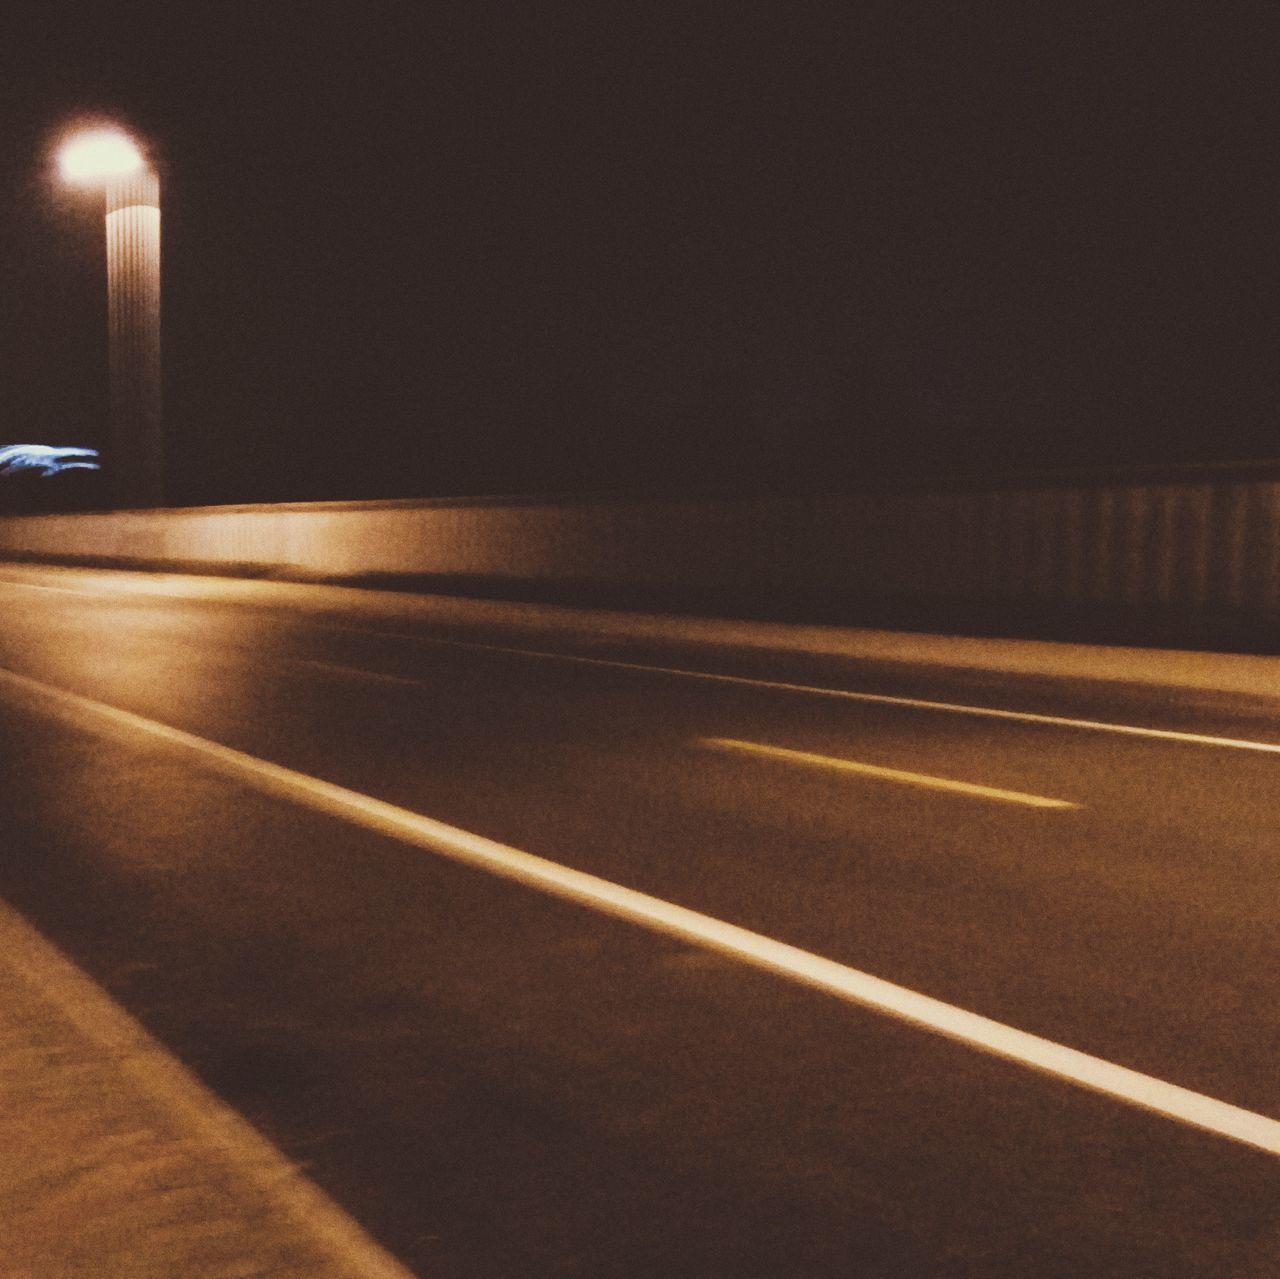 中国 China Sichuan Province Chengdu Life Day Nobody Night Outdoors Lamp Street Light Light Lamps Road No People Still Life